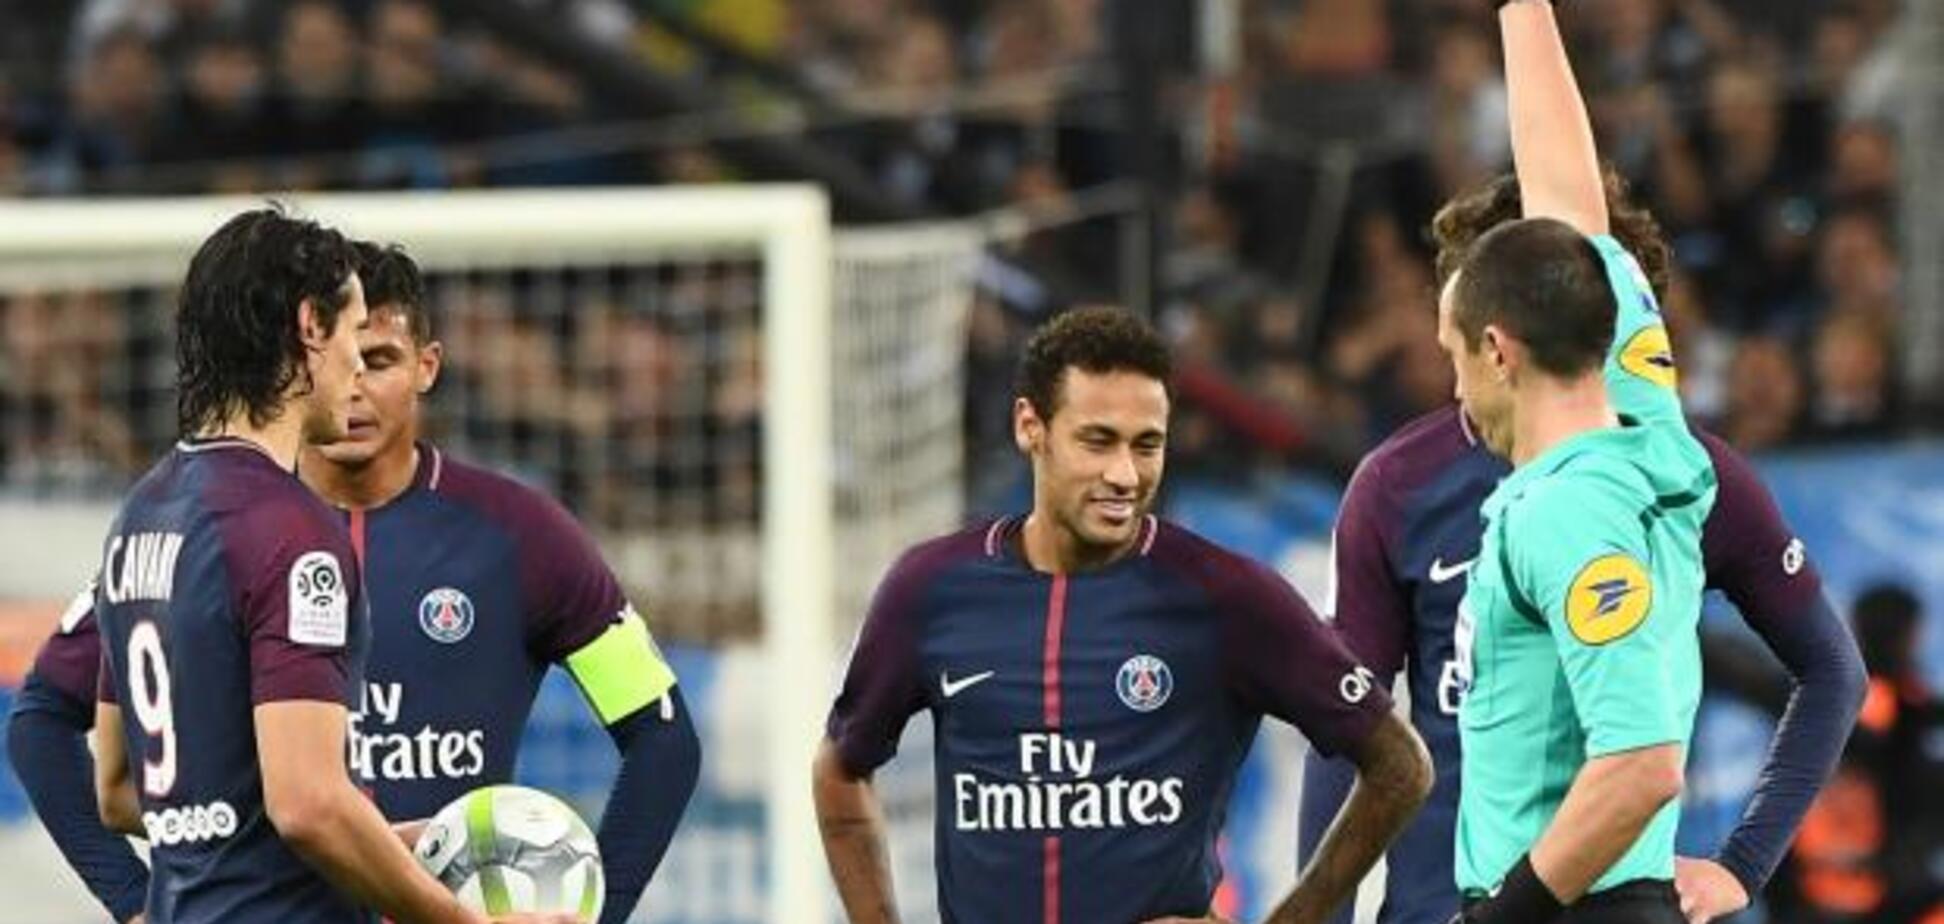 Одного з кращих футболістів світу закидали сміттям під час матчу